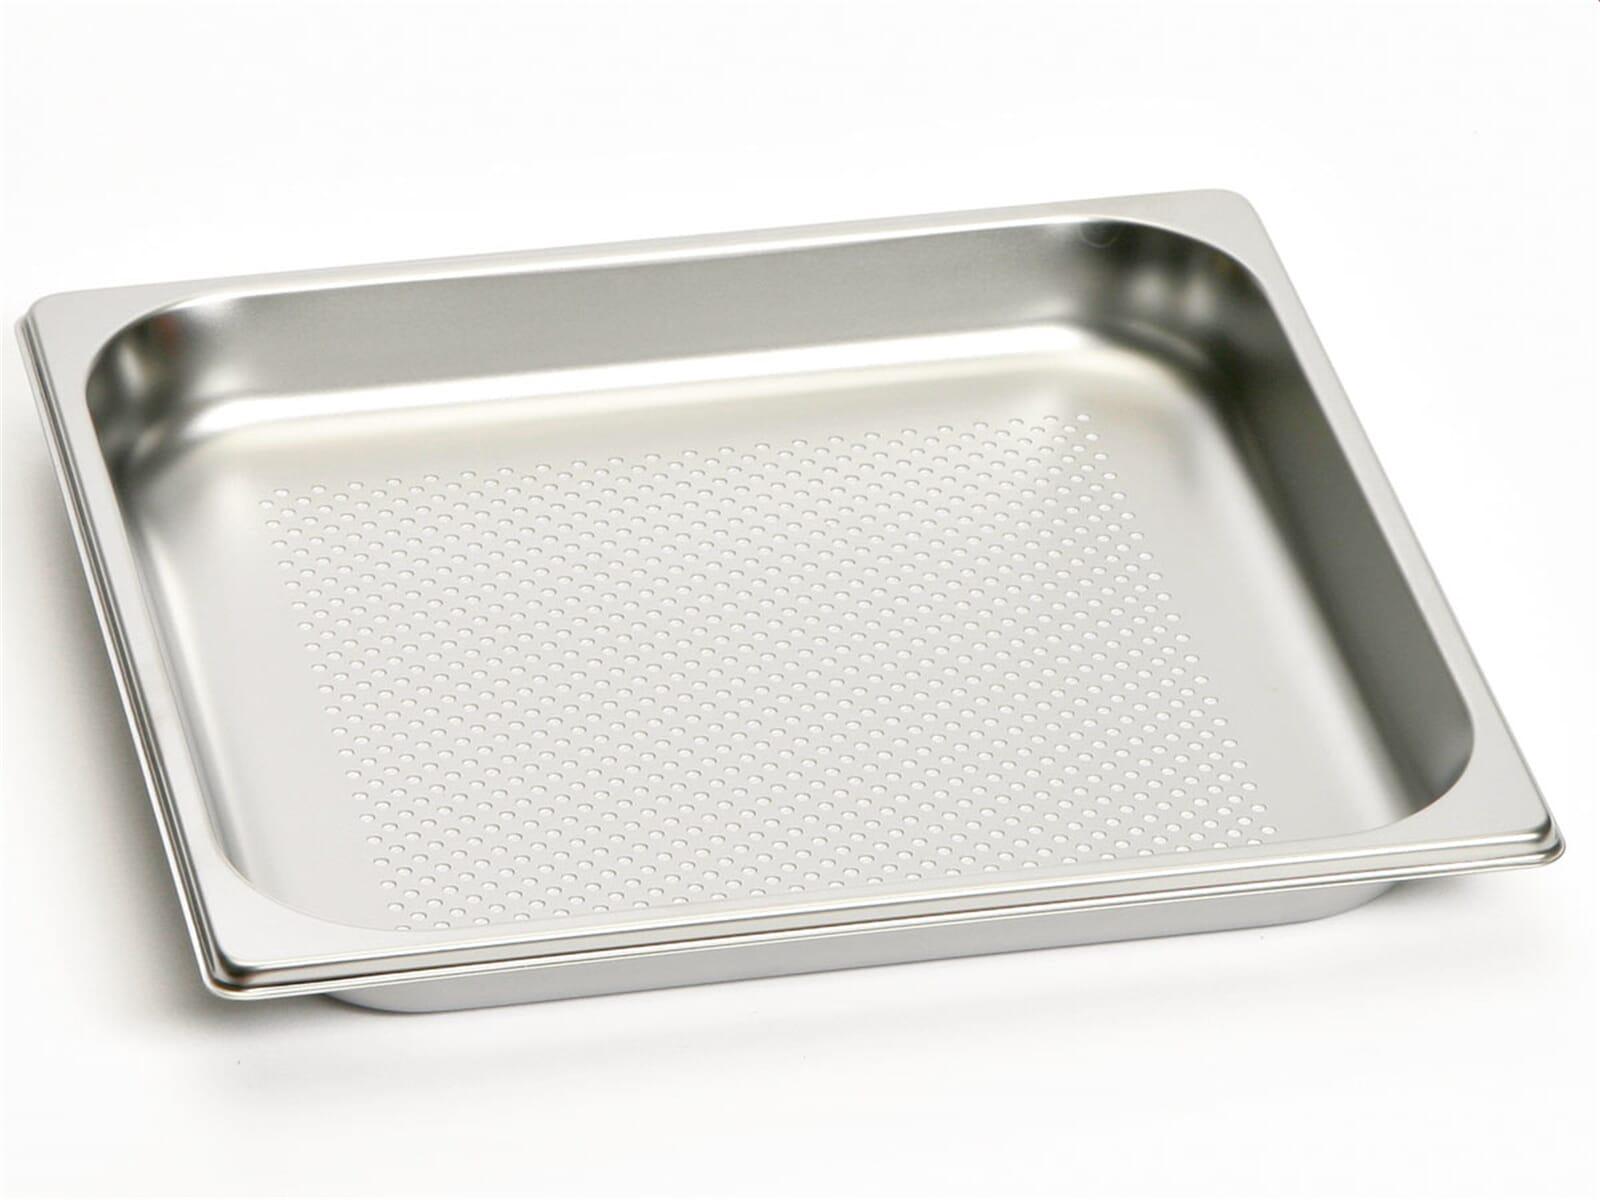 Gaggenau GN 124 230 Gastronorm-Behälter GN 2/3 gelocht Edelstahl